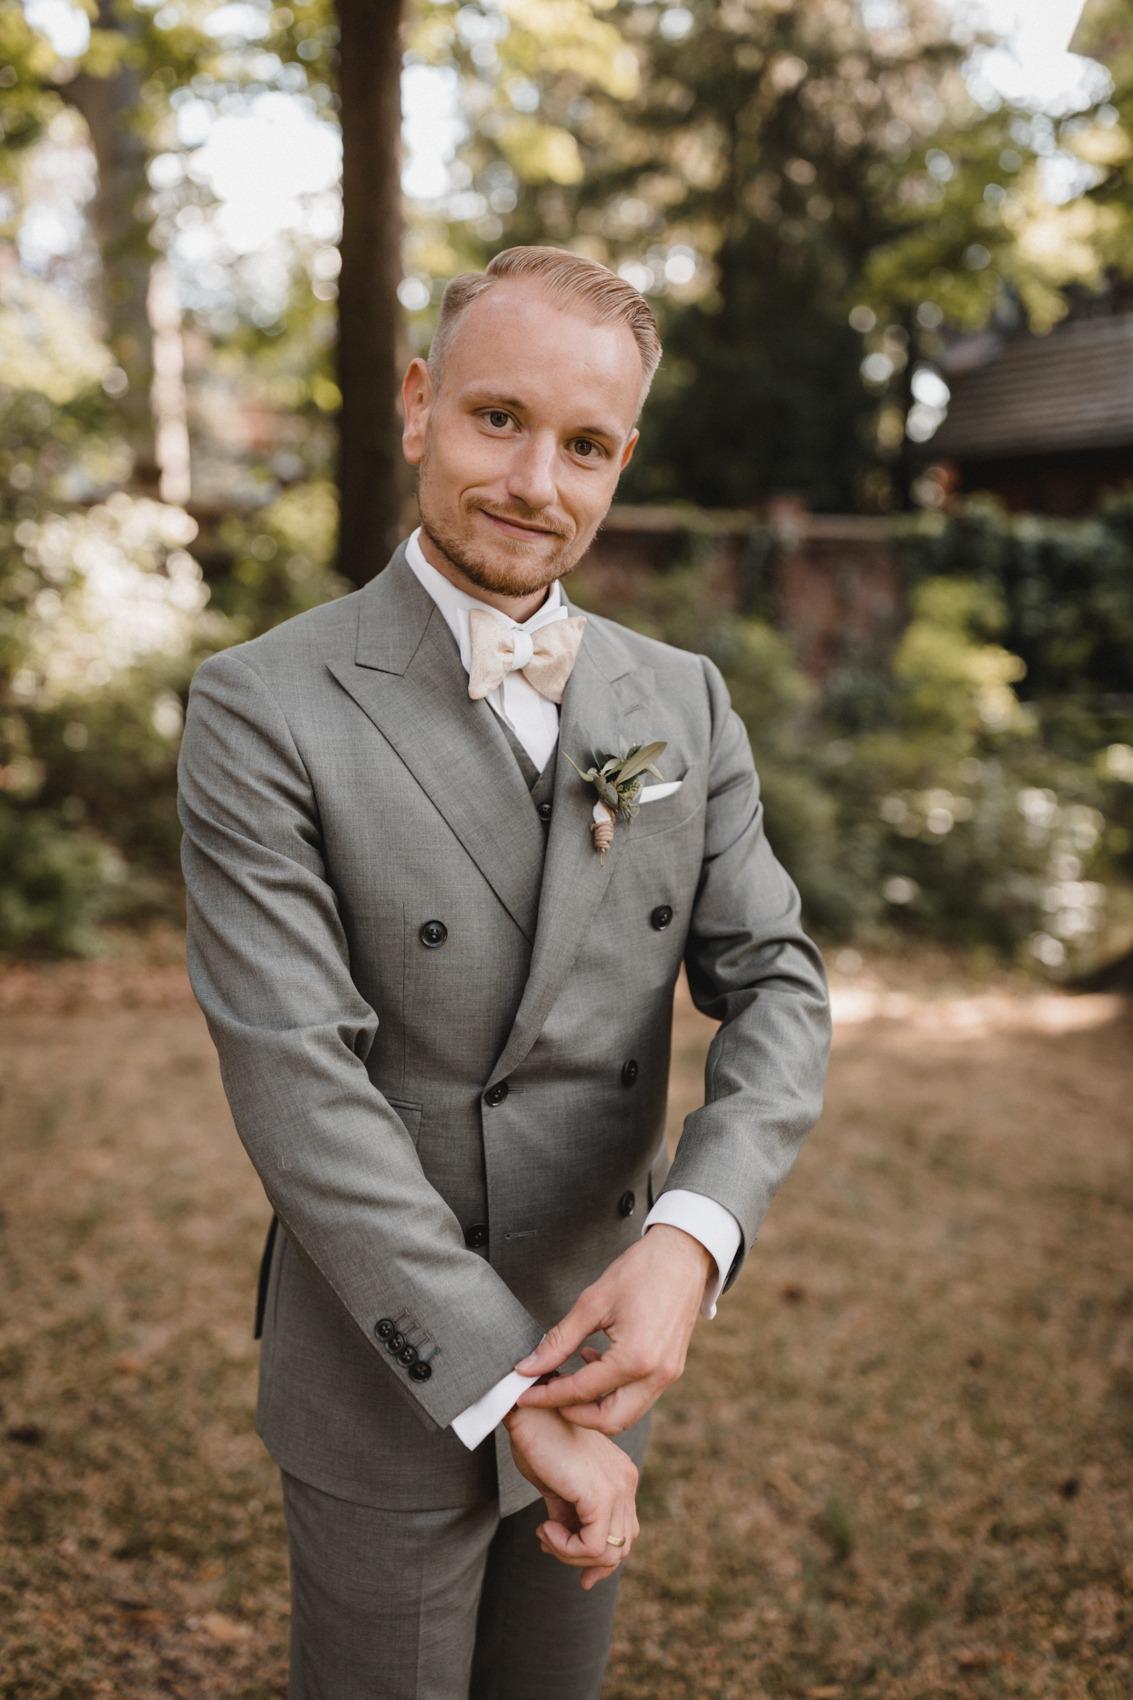 Der Bräutigam mit seinem Graugrünen Zweireiher